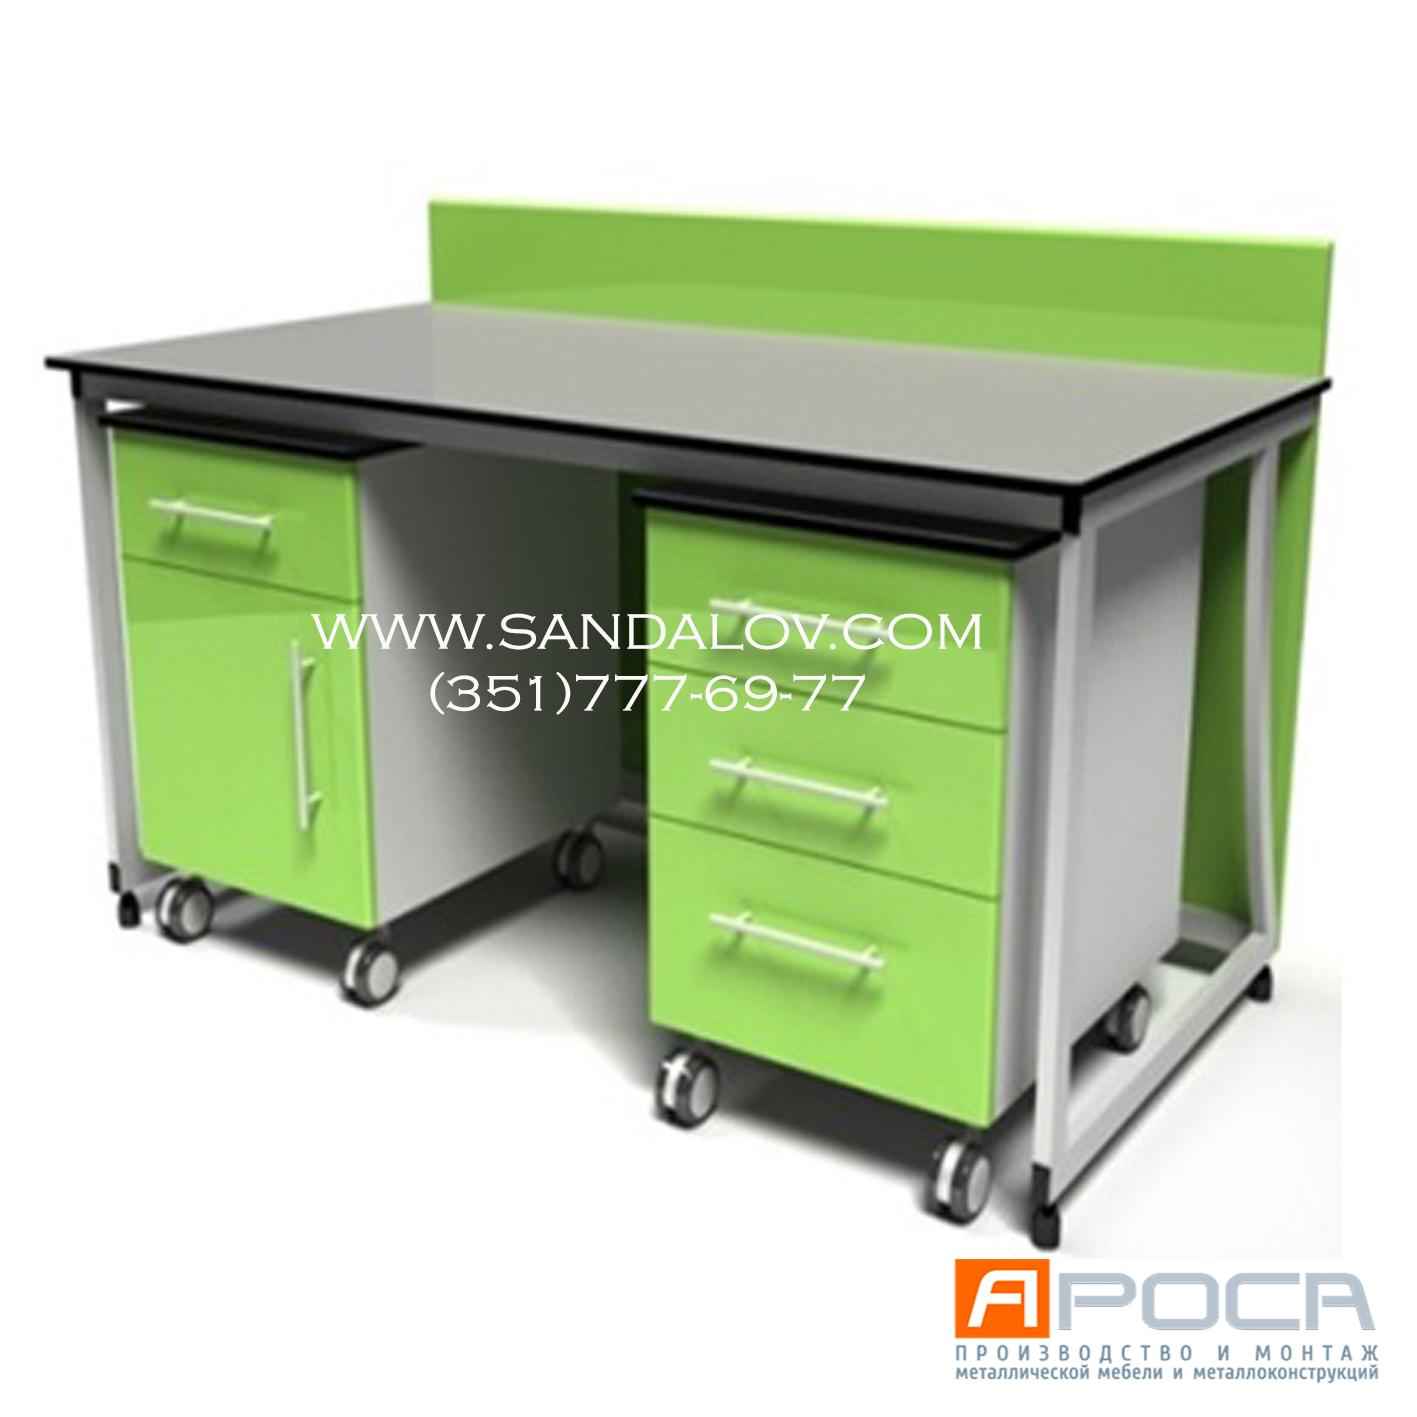 схема подъемного механизма подкатного стола